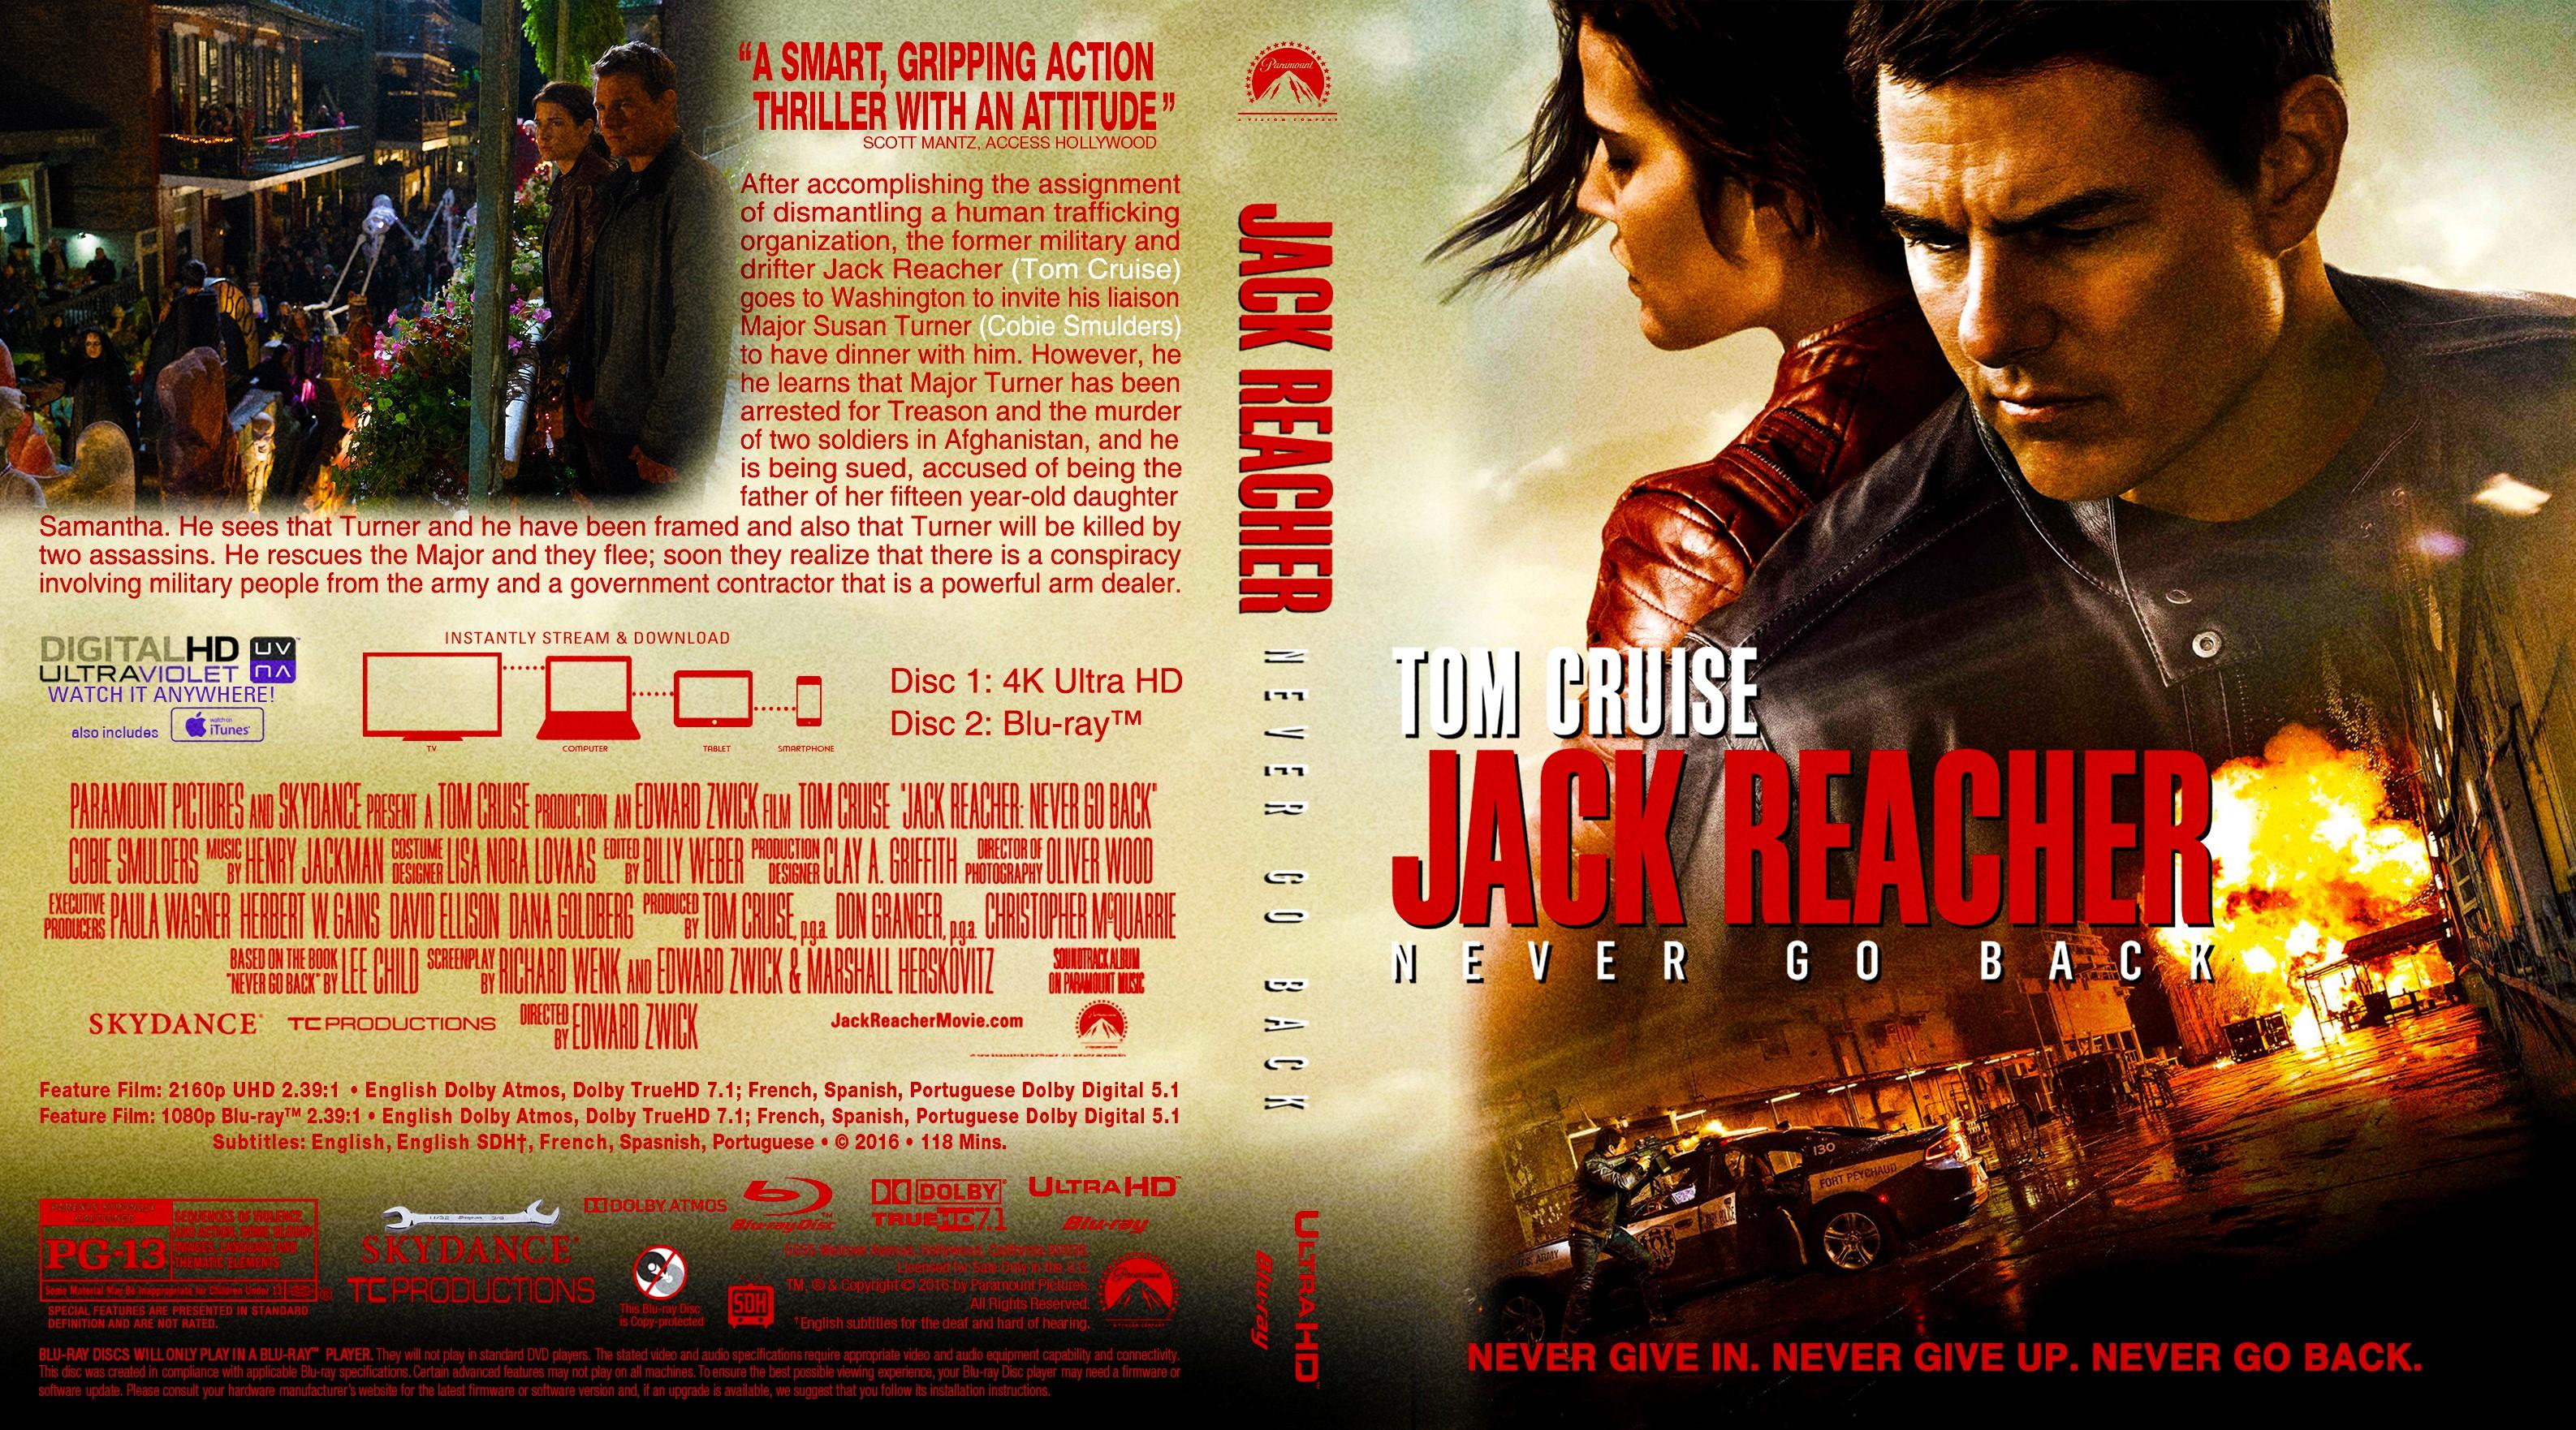 jack reacher 720p yify